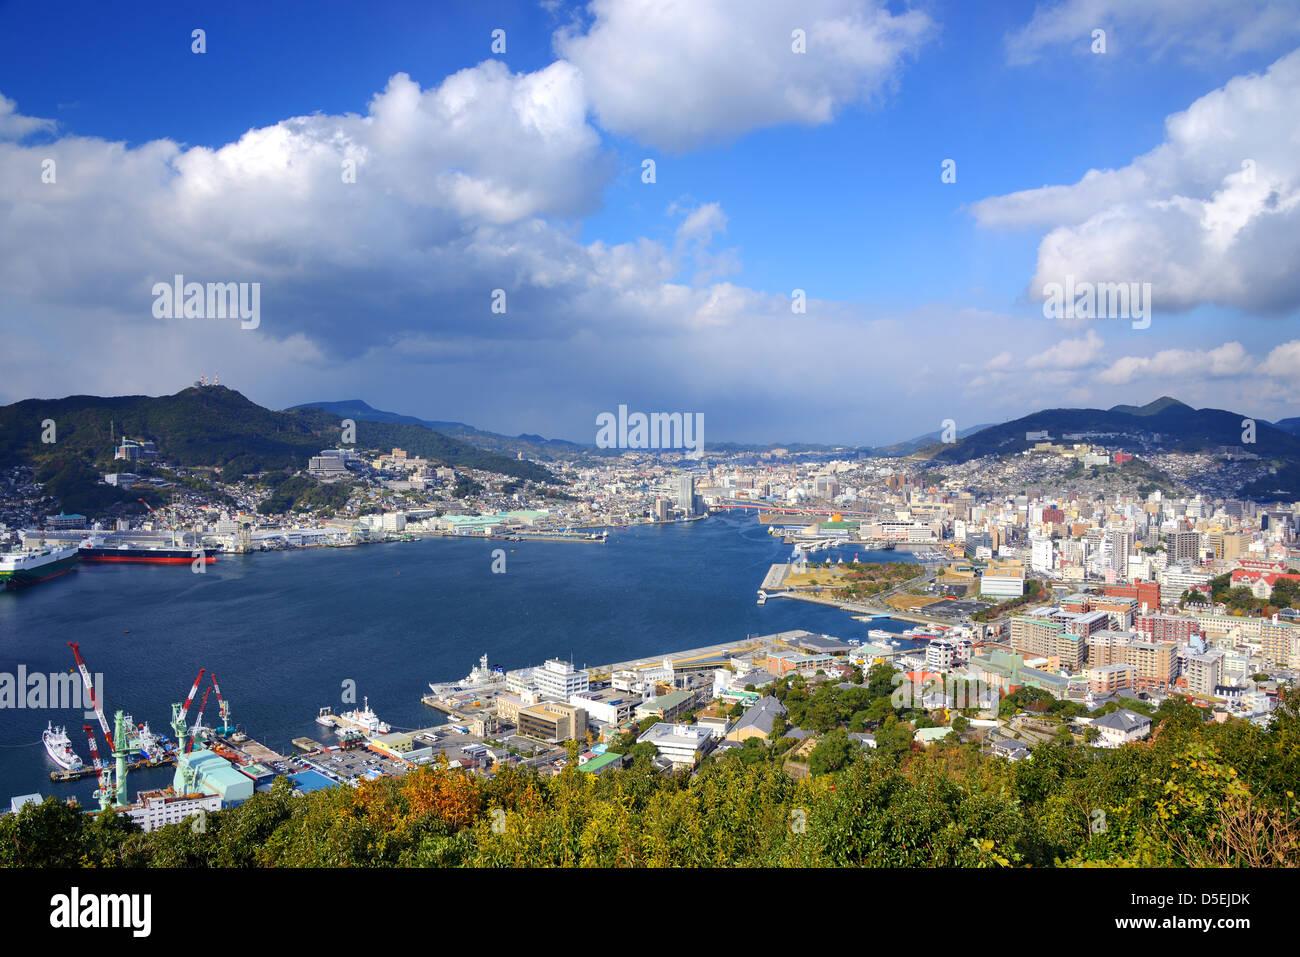 Vista de la Bahía de Nagasaki, Japón. Imagen De Stock